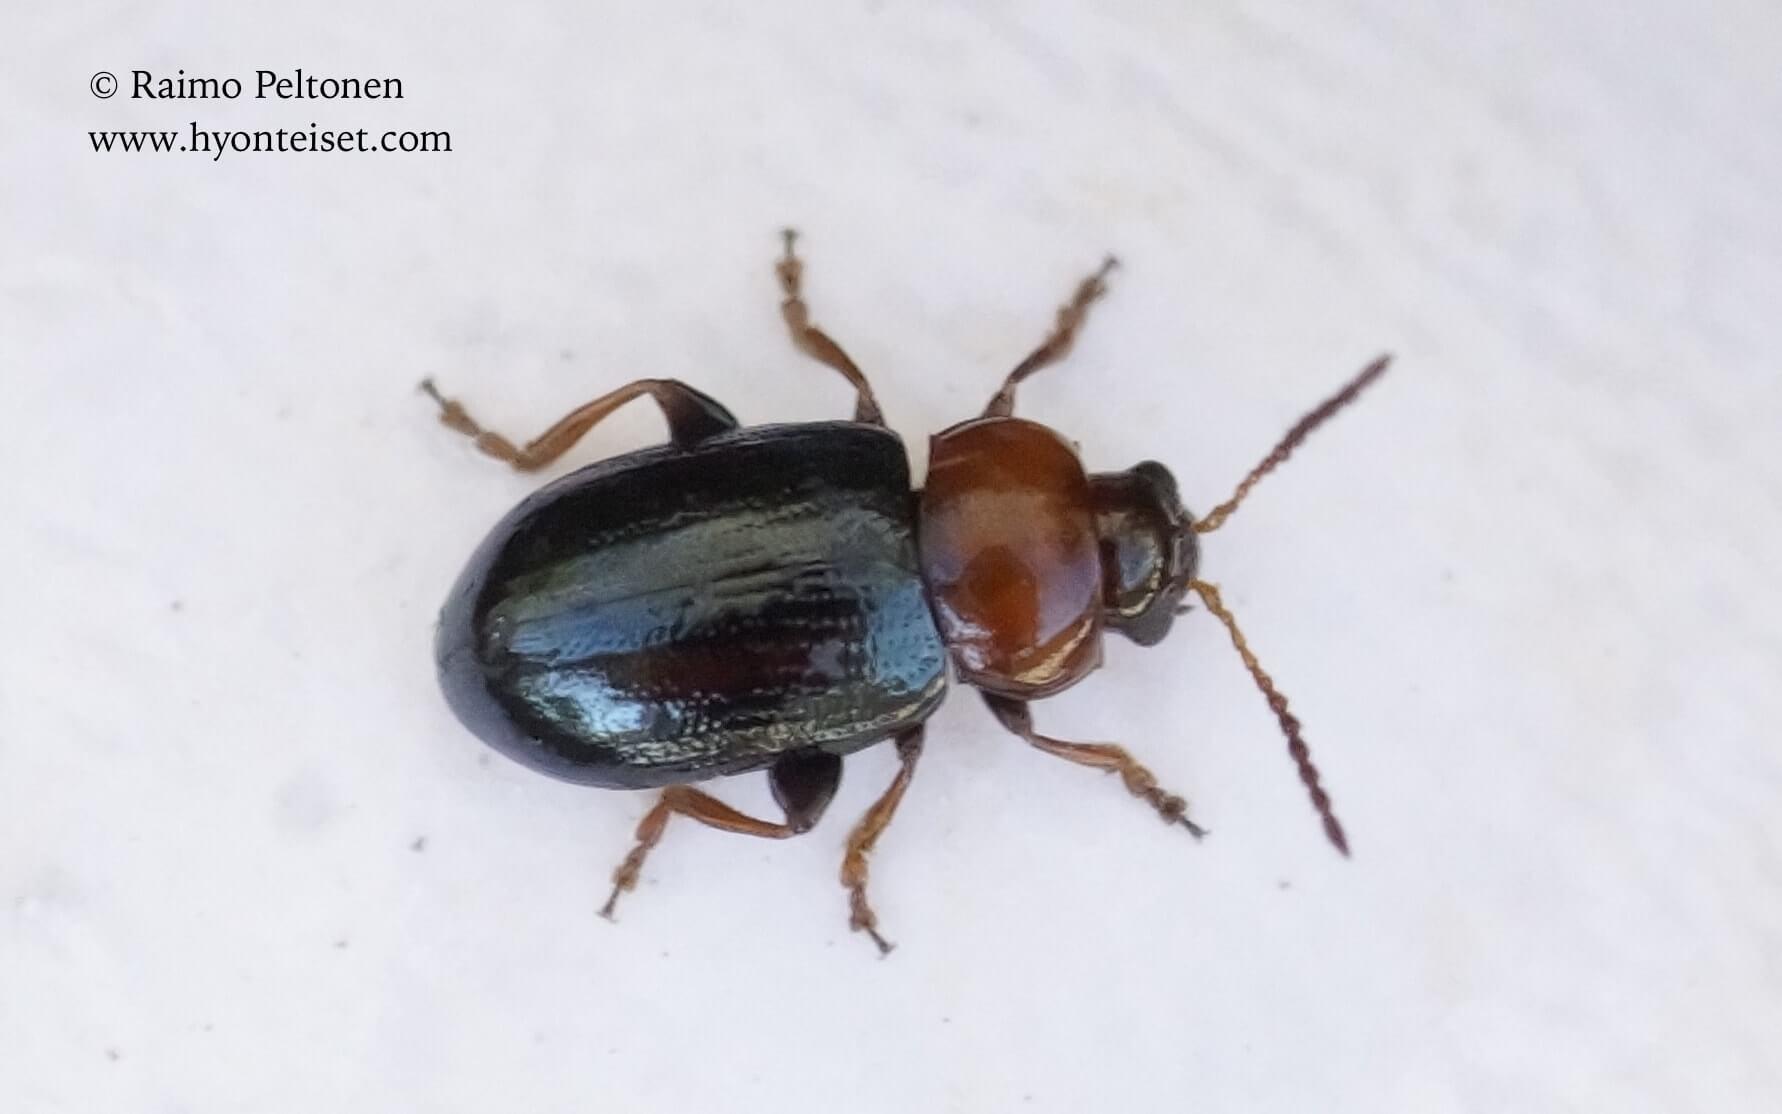 Podagrica sp. (Chrysomelidae) (det. Piluca Alvarez), 5.11.2017 Espanja